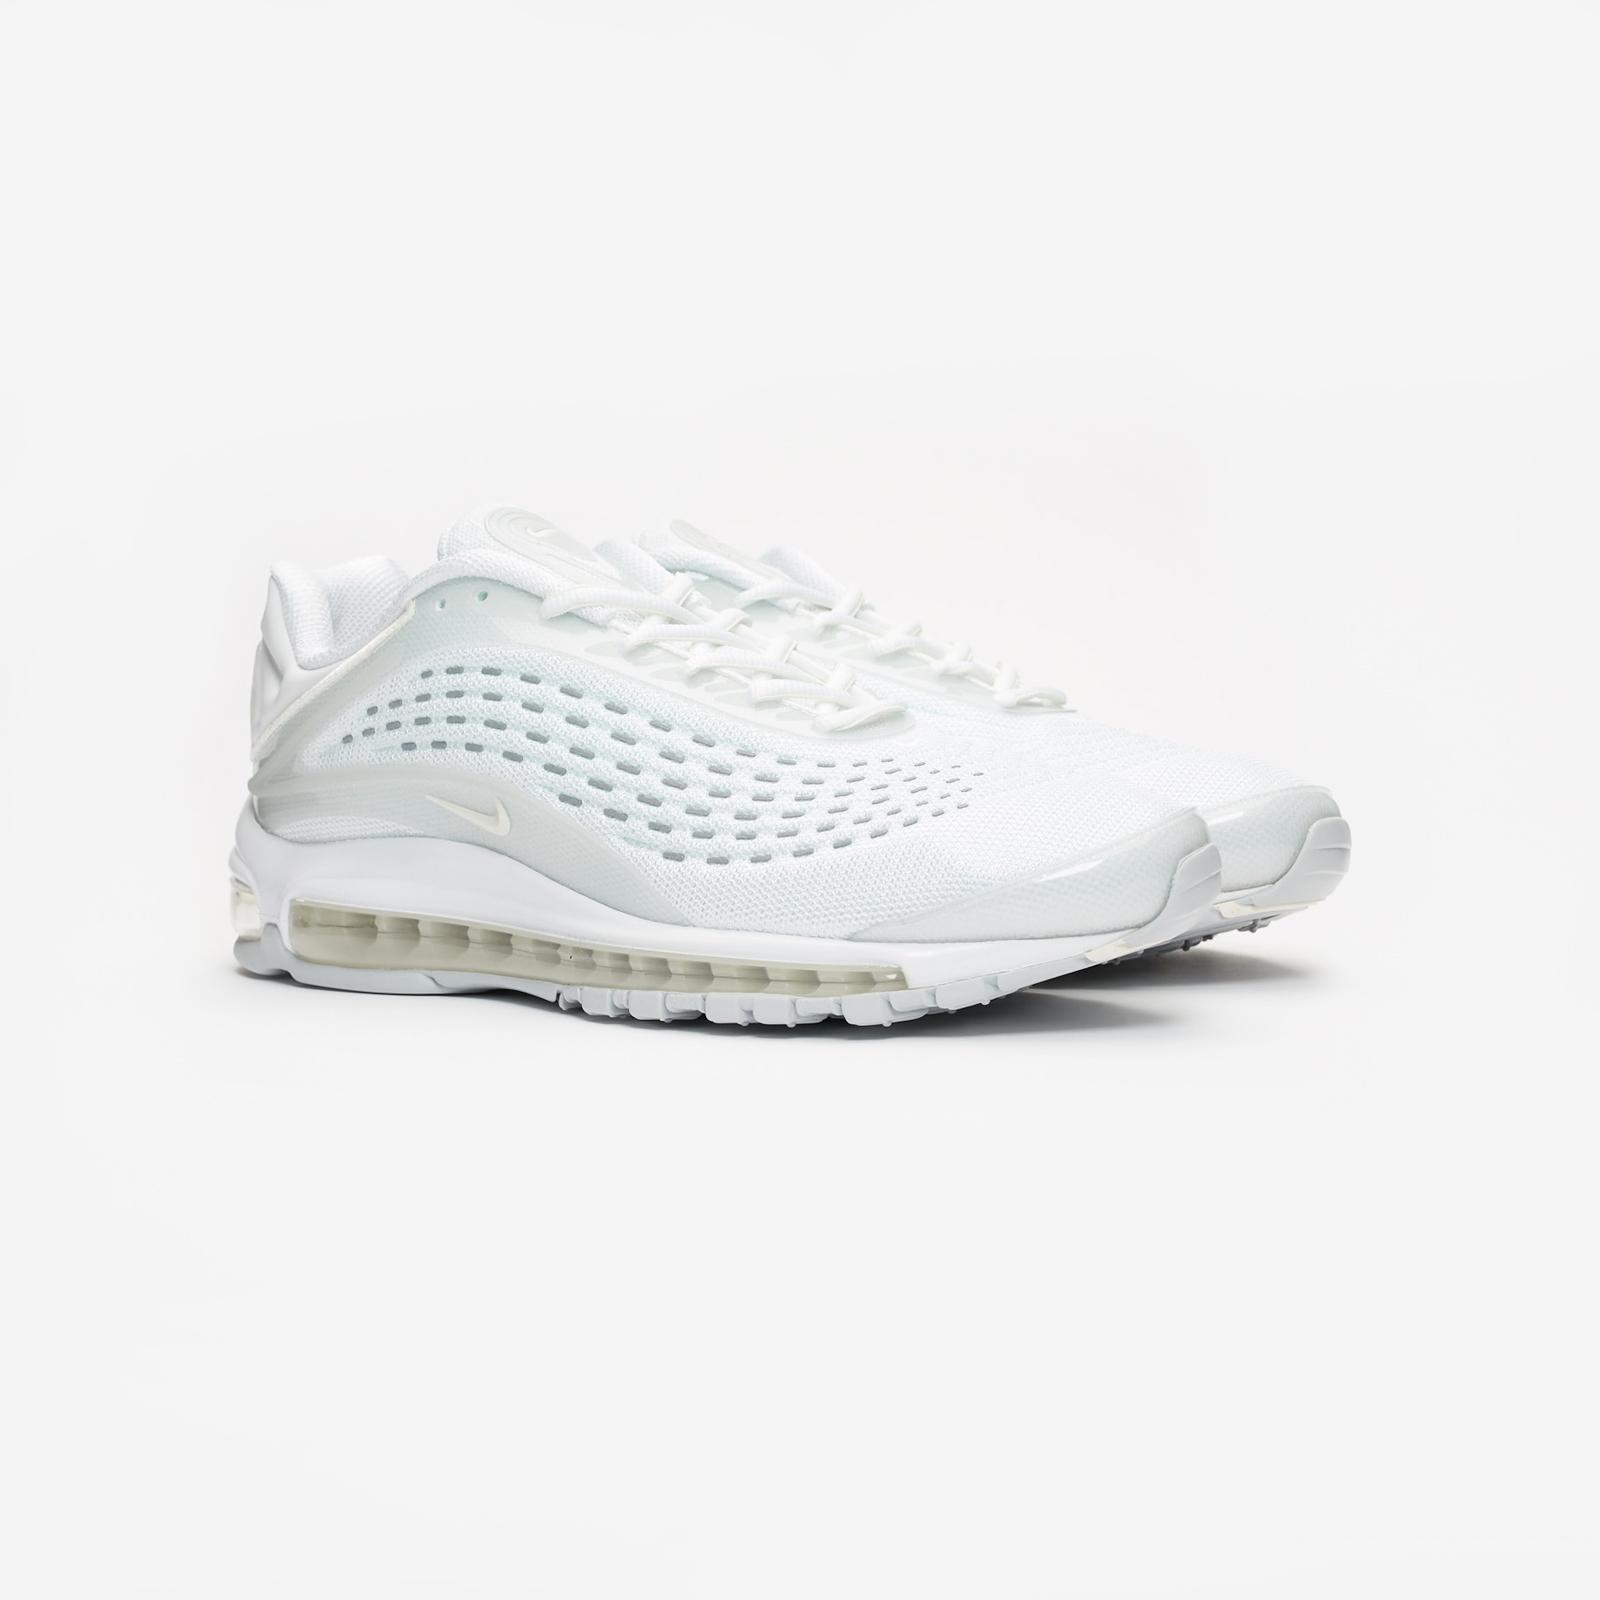 new concept 35265 4e6f1 Nike Sportswear Air Max Deluxe